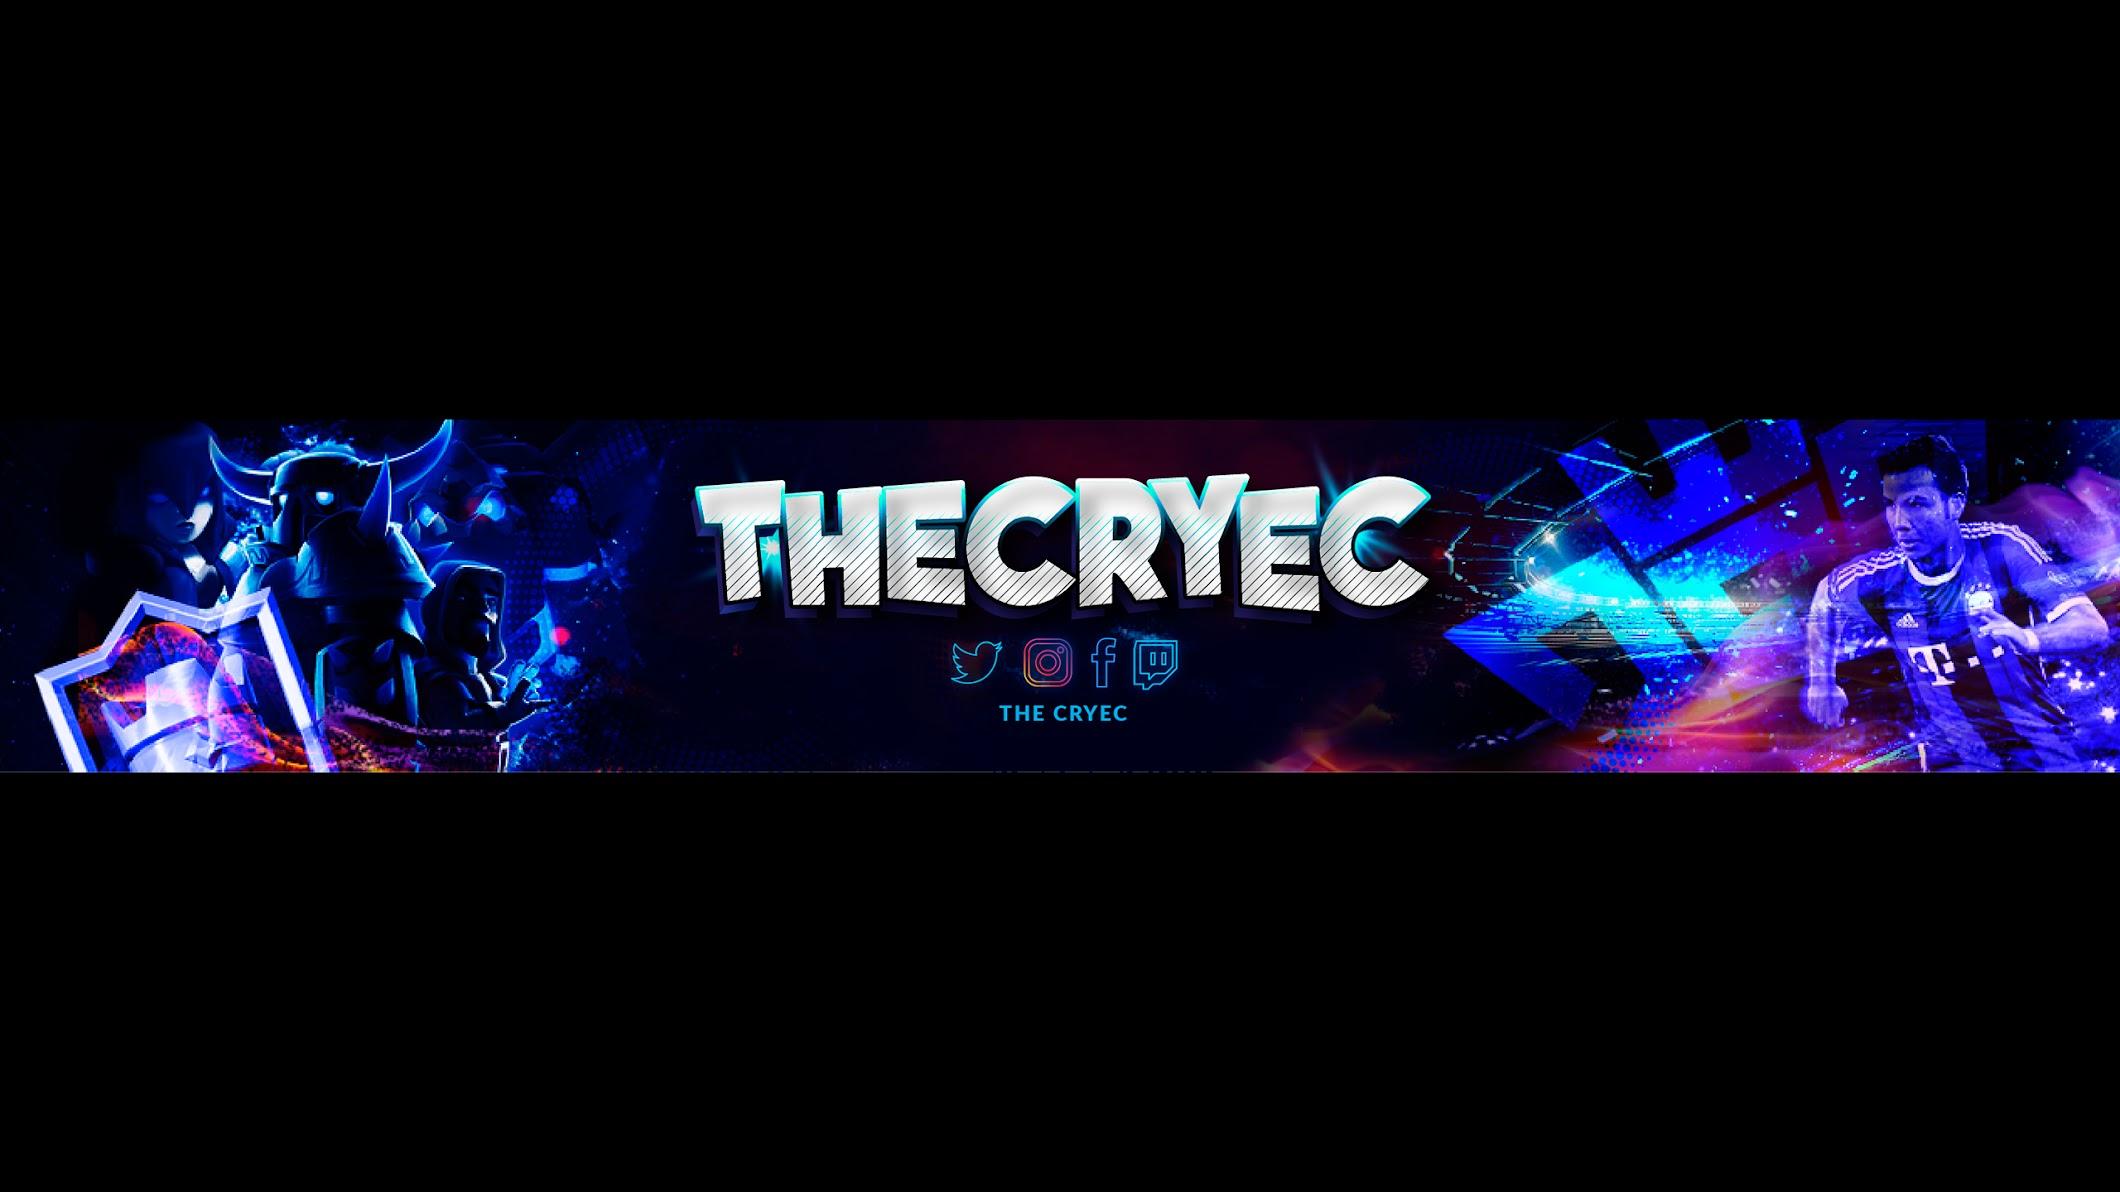 TheCryEc